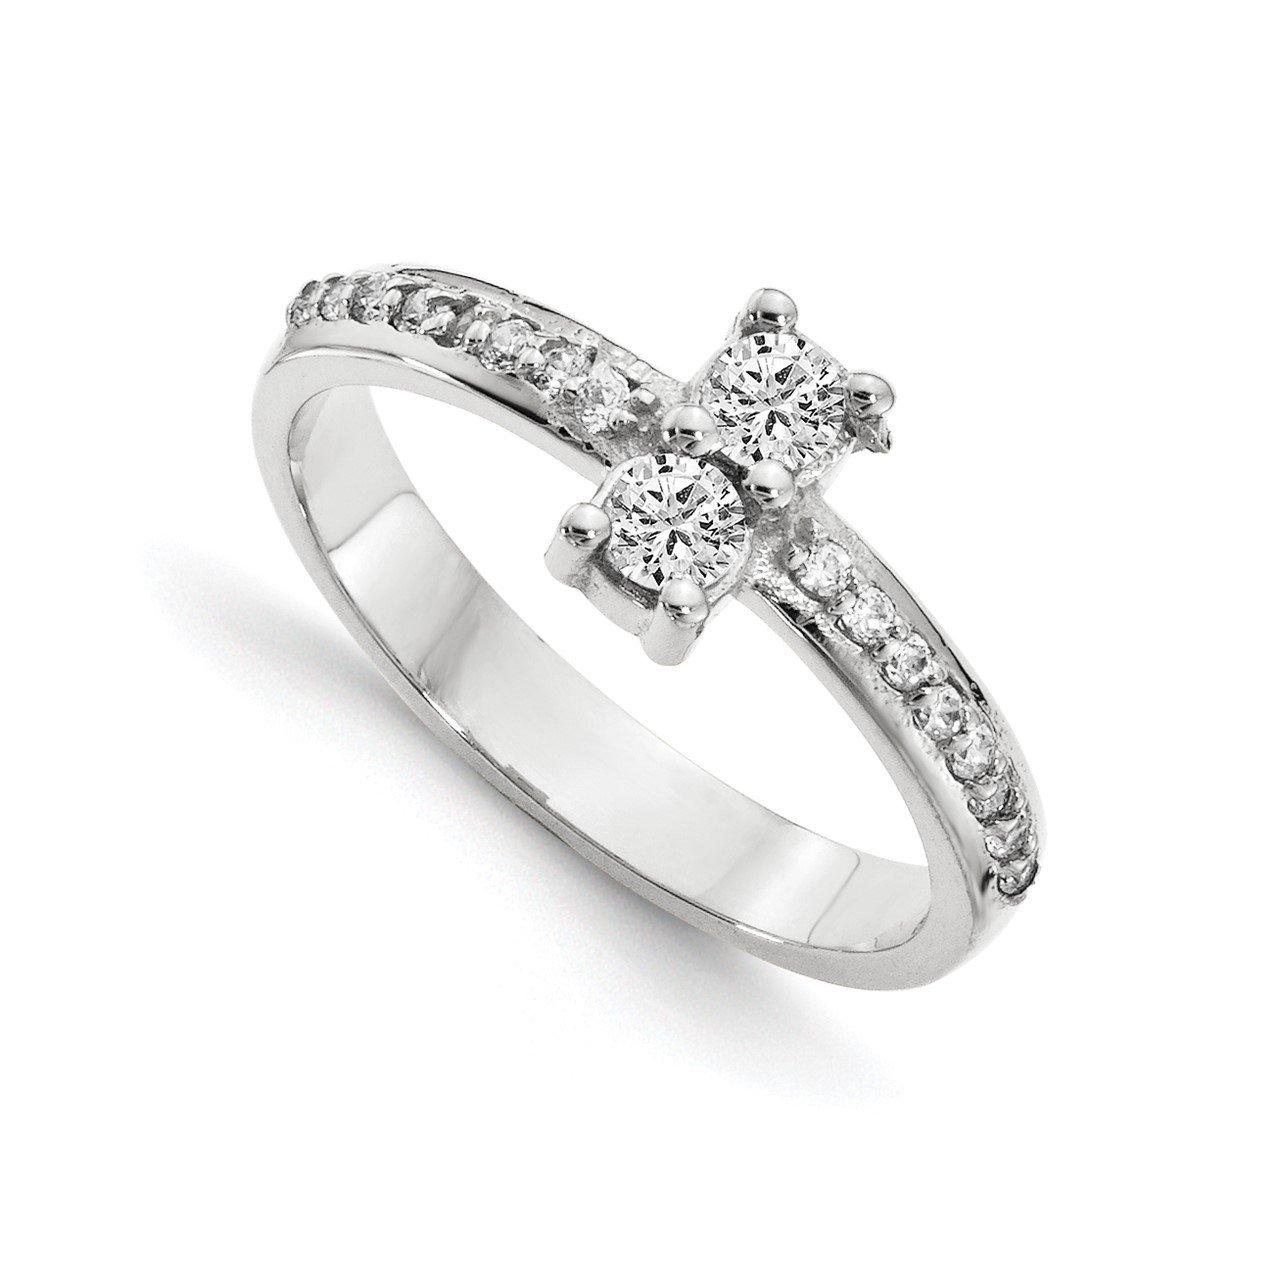 14KW AA Diamond 2-stone Ring Semi-Mount - 3.5 mm center stones